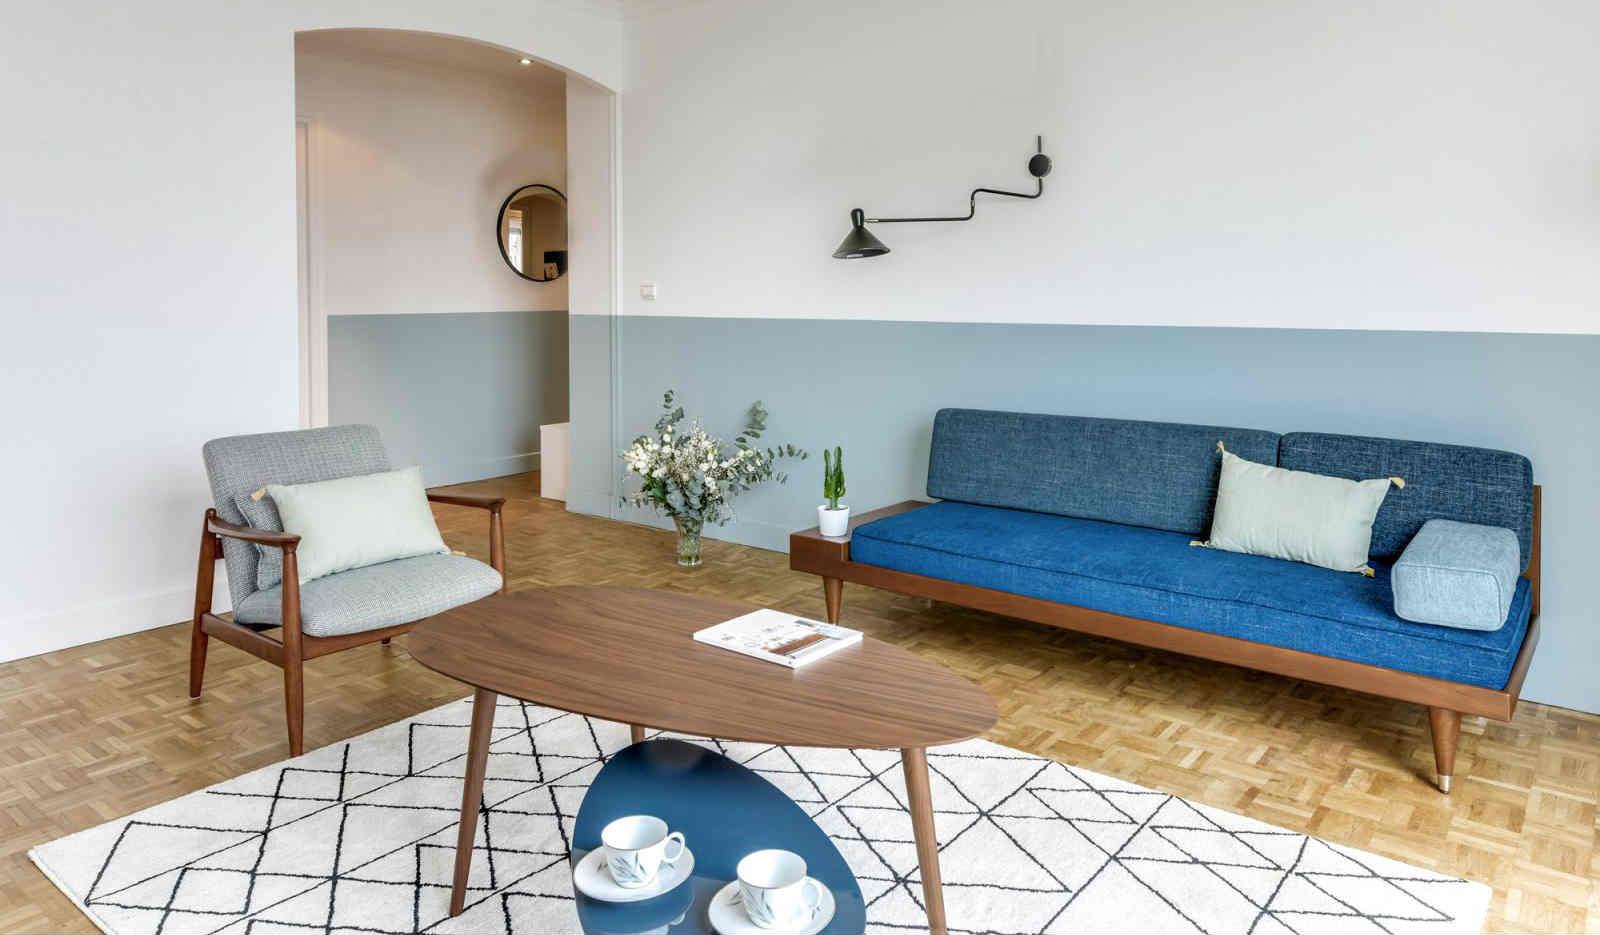 11 Idees De Deco Interieure Avec De La Peinture Pour Donner Du Volume